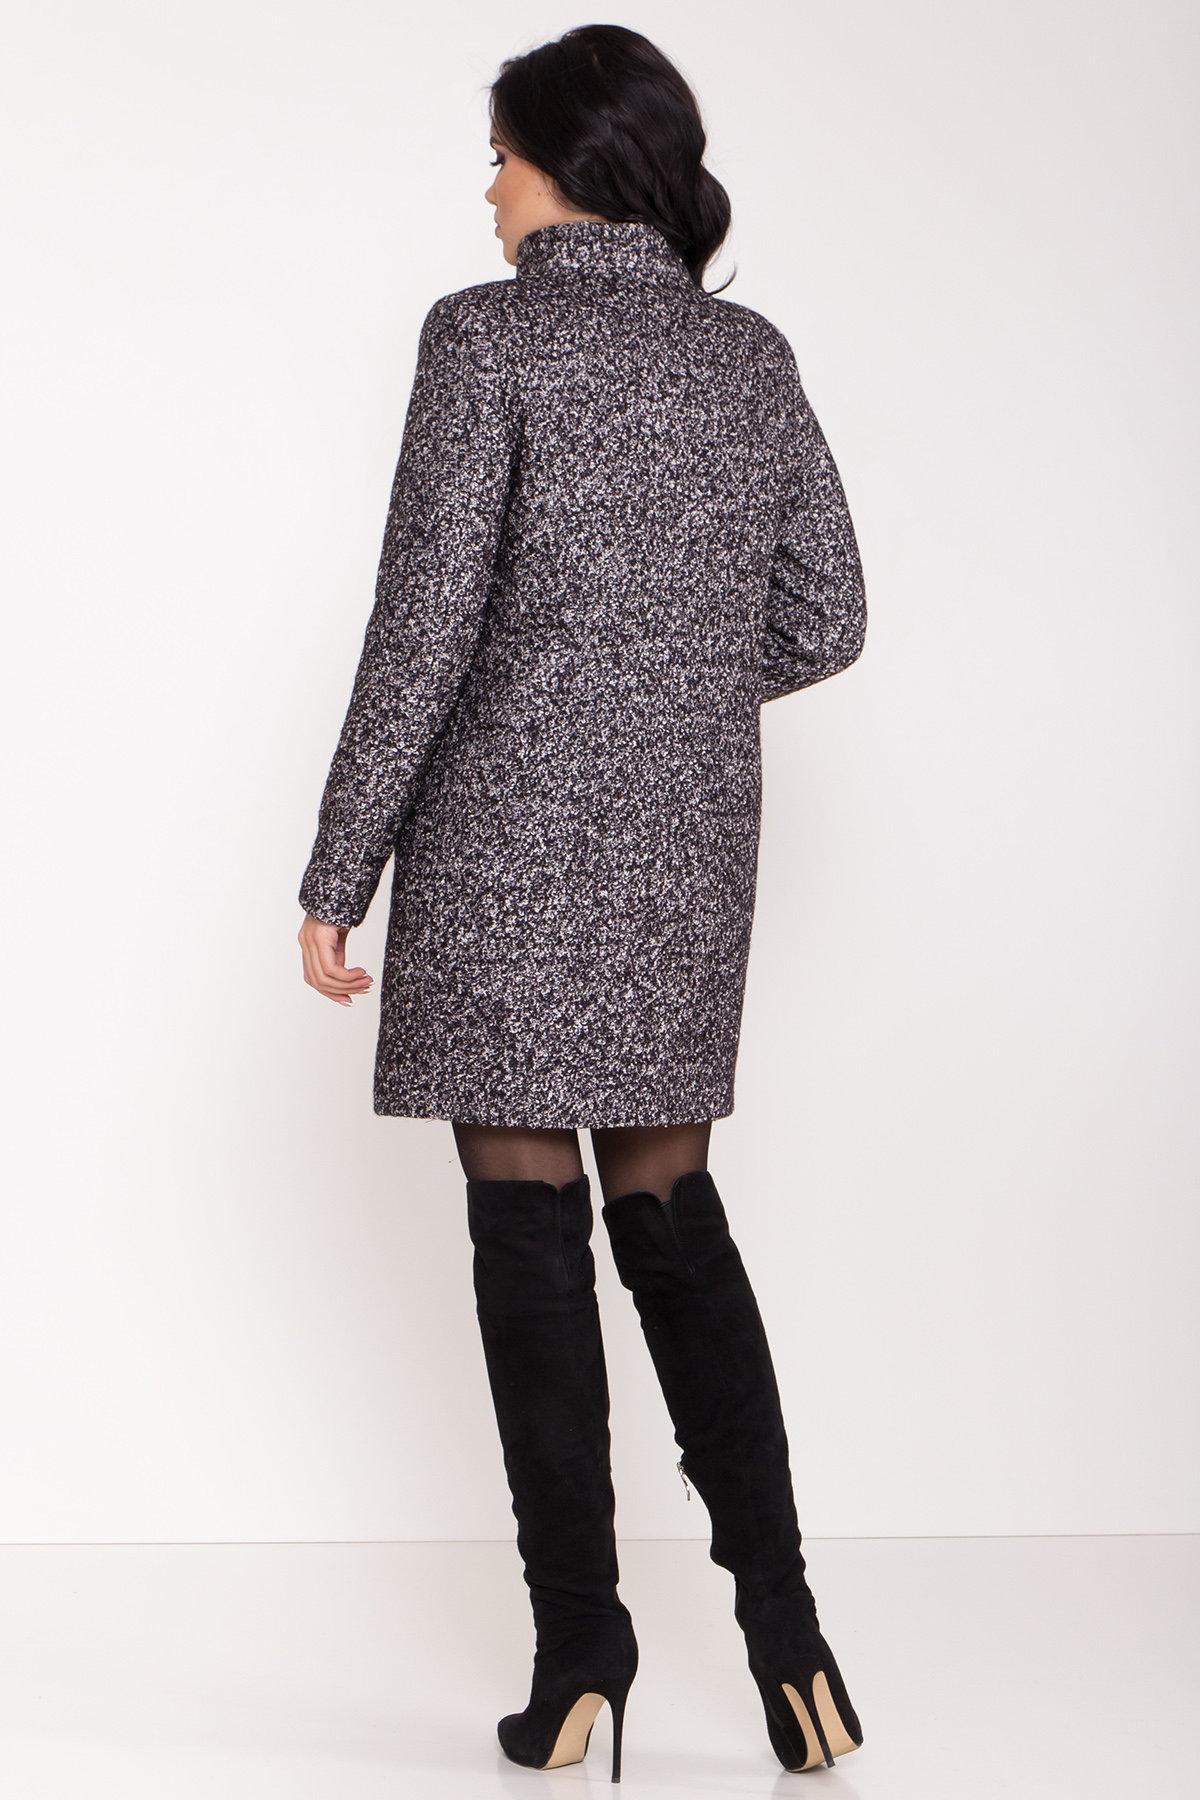 Пальто зима шерсть букле Фортуна 8508 АРТ. 44807 Цвет: Черный/серый - фото 4, интернет магазин tm-modus.ru